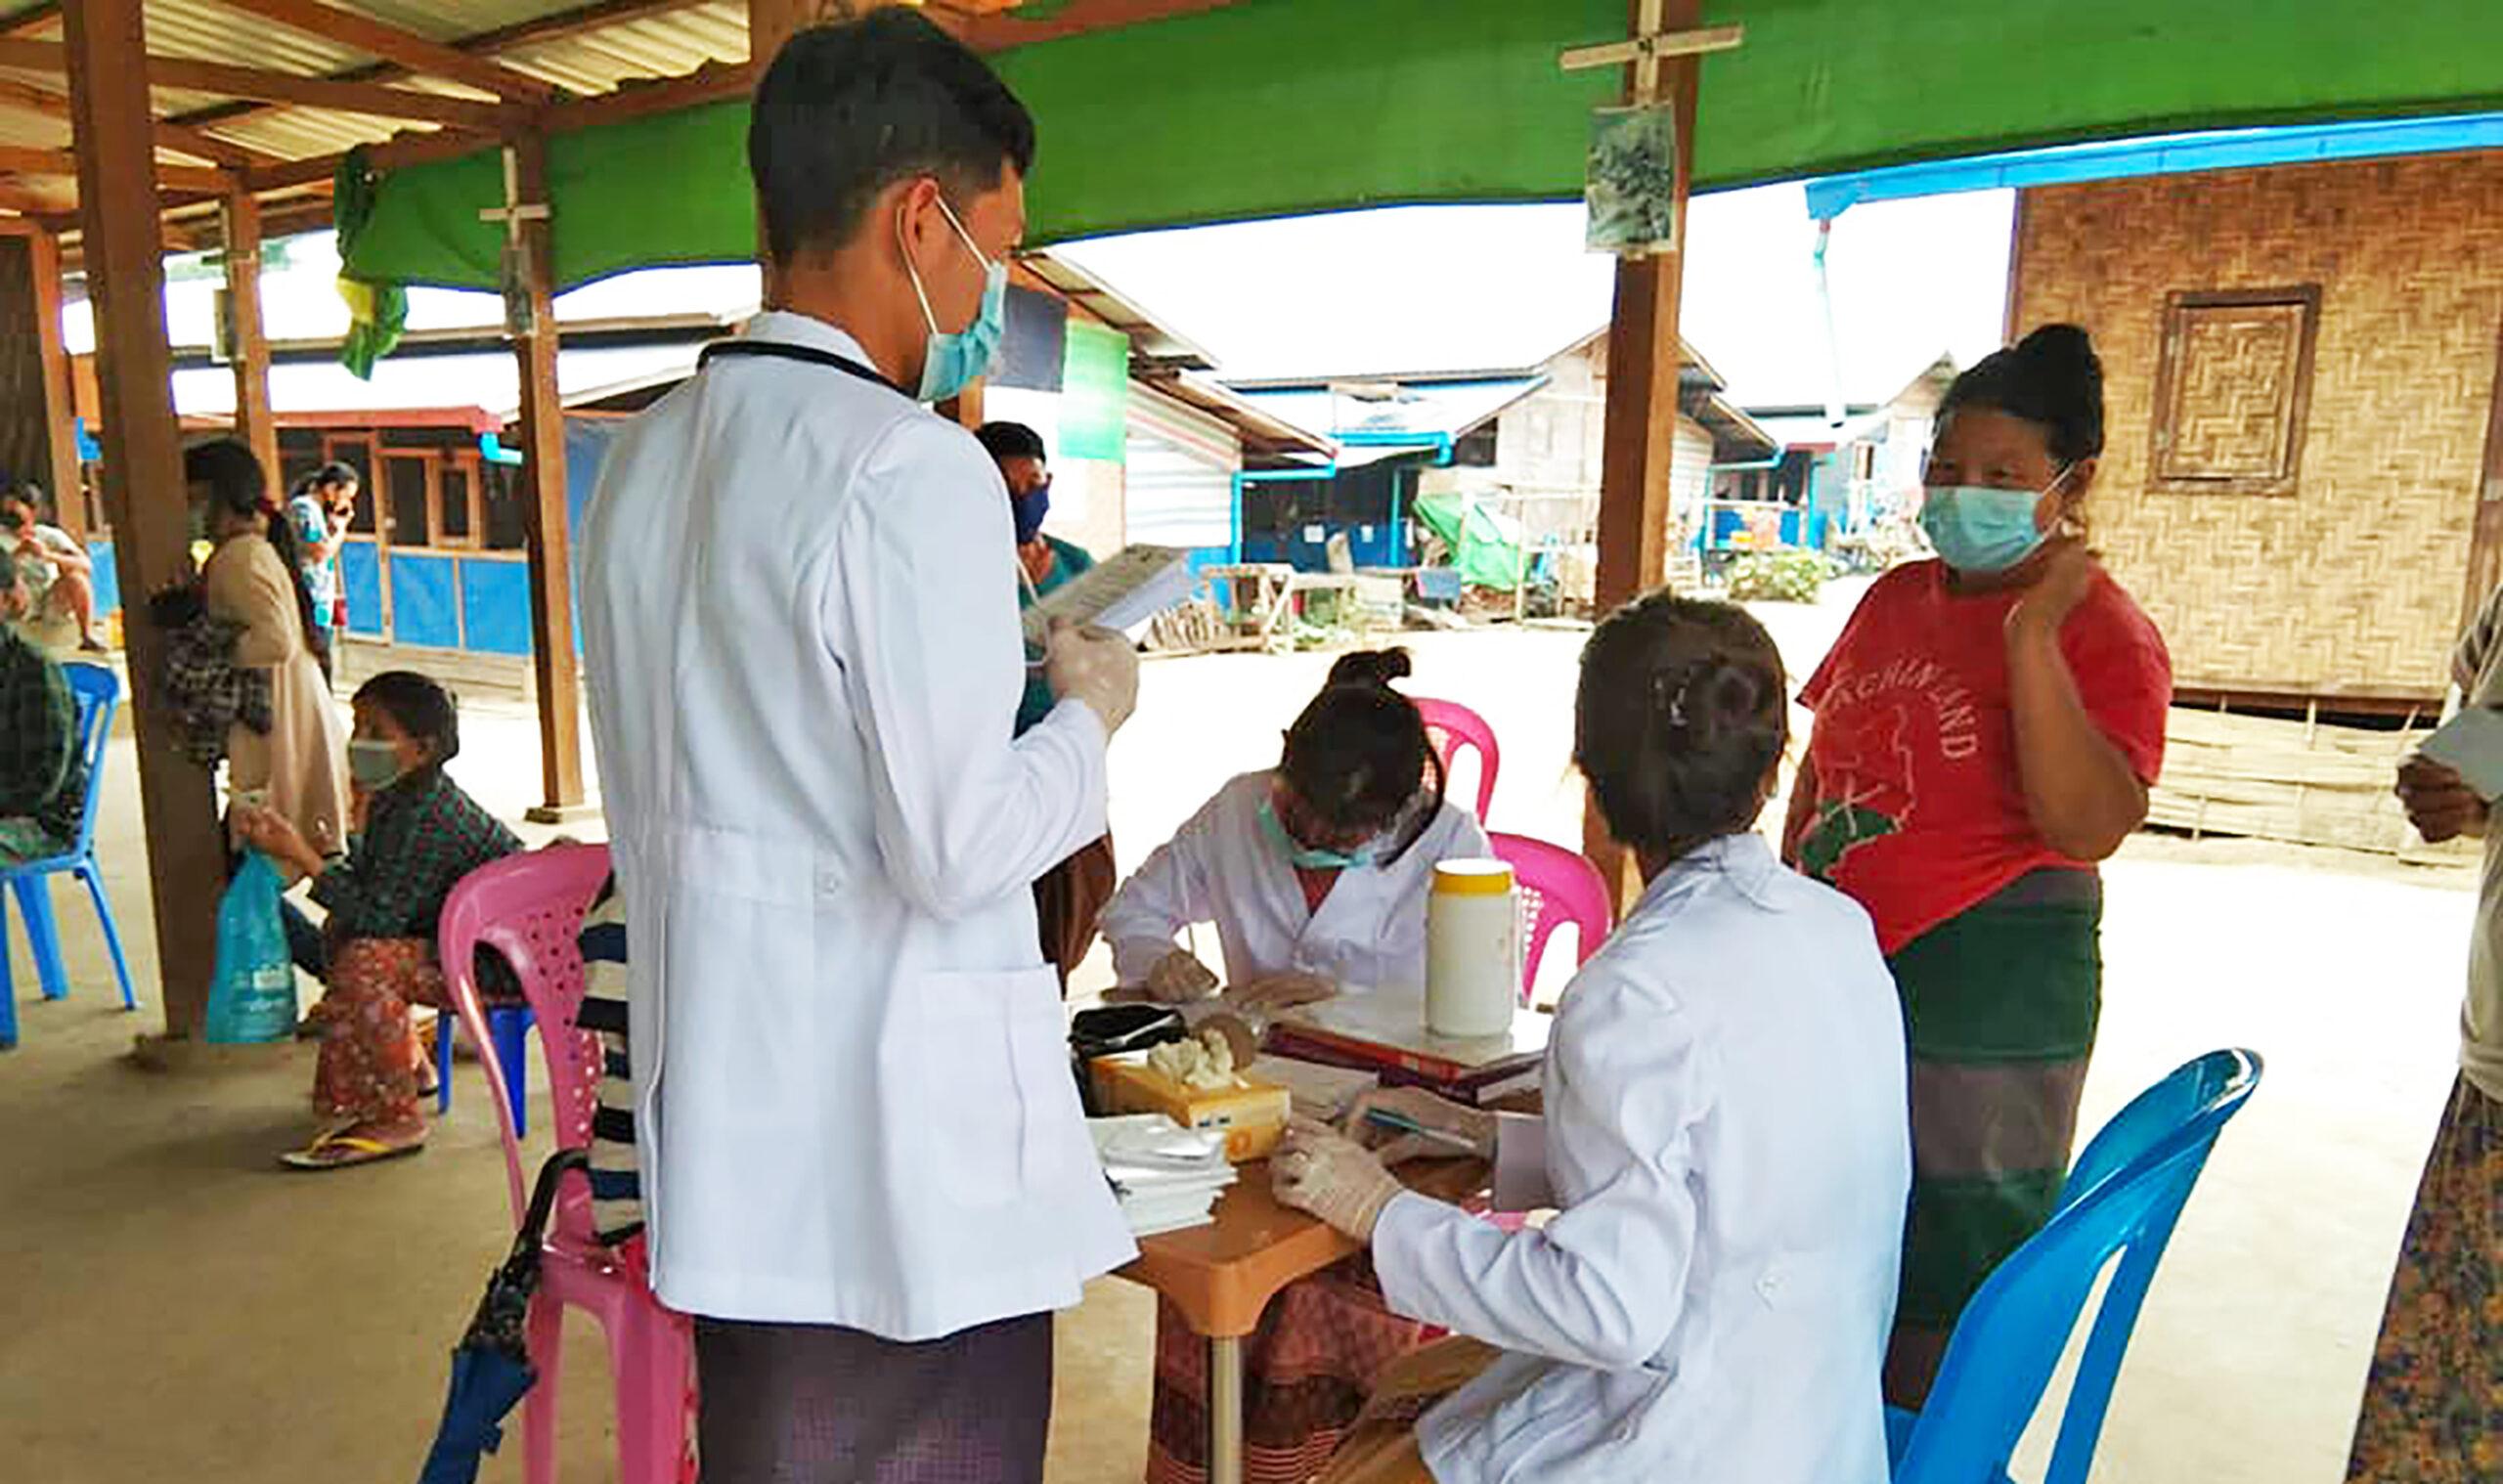 ကချင်စစ်ရှောင်များအတွက် ဆေးဝါးအကူညီများလိုအပ်နေ